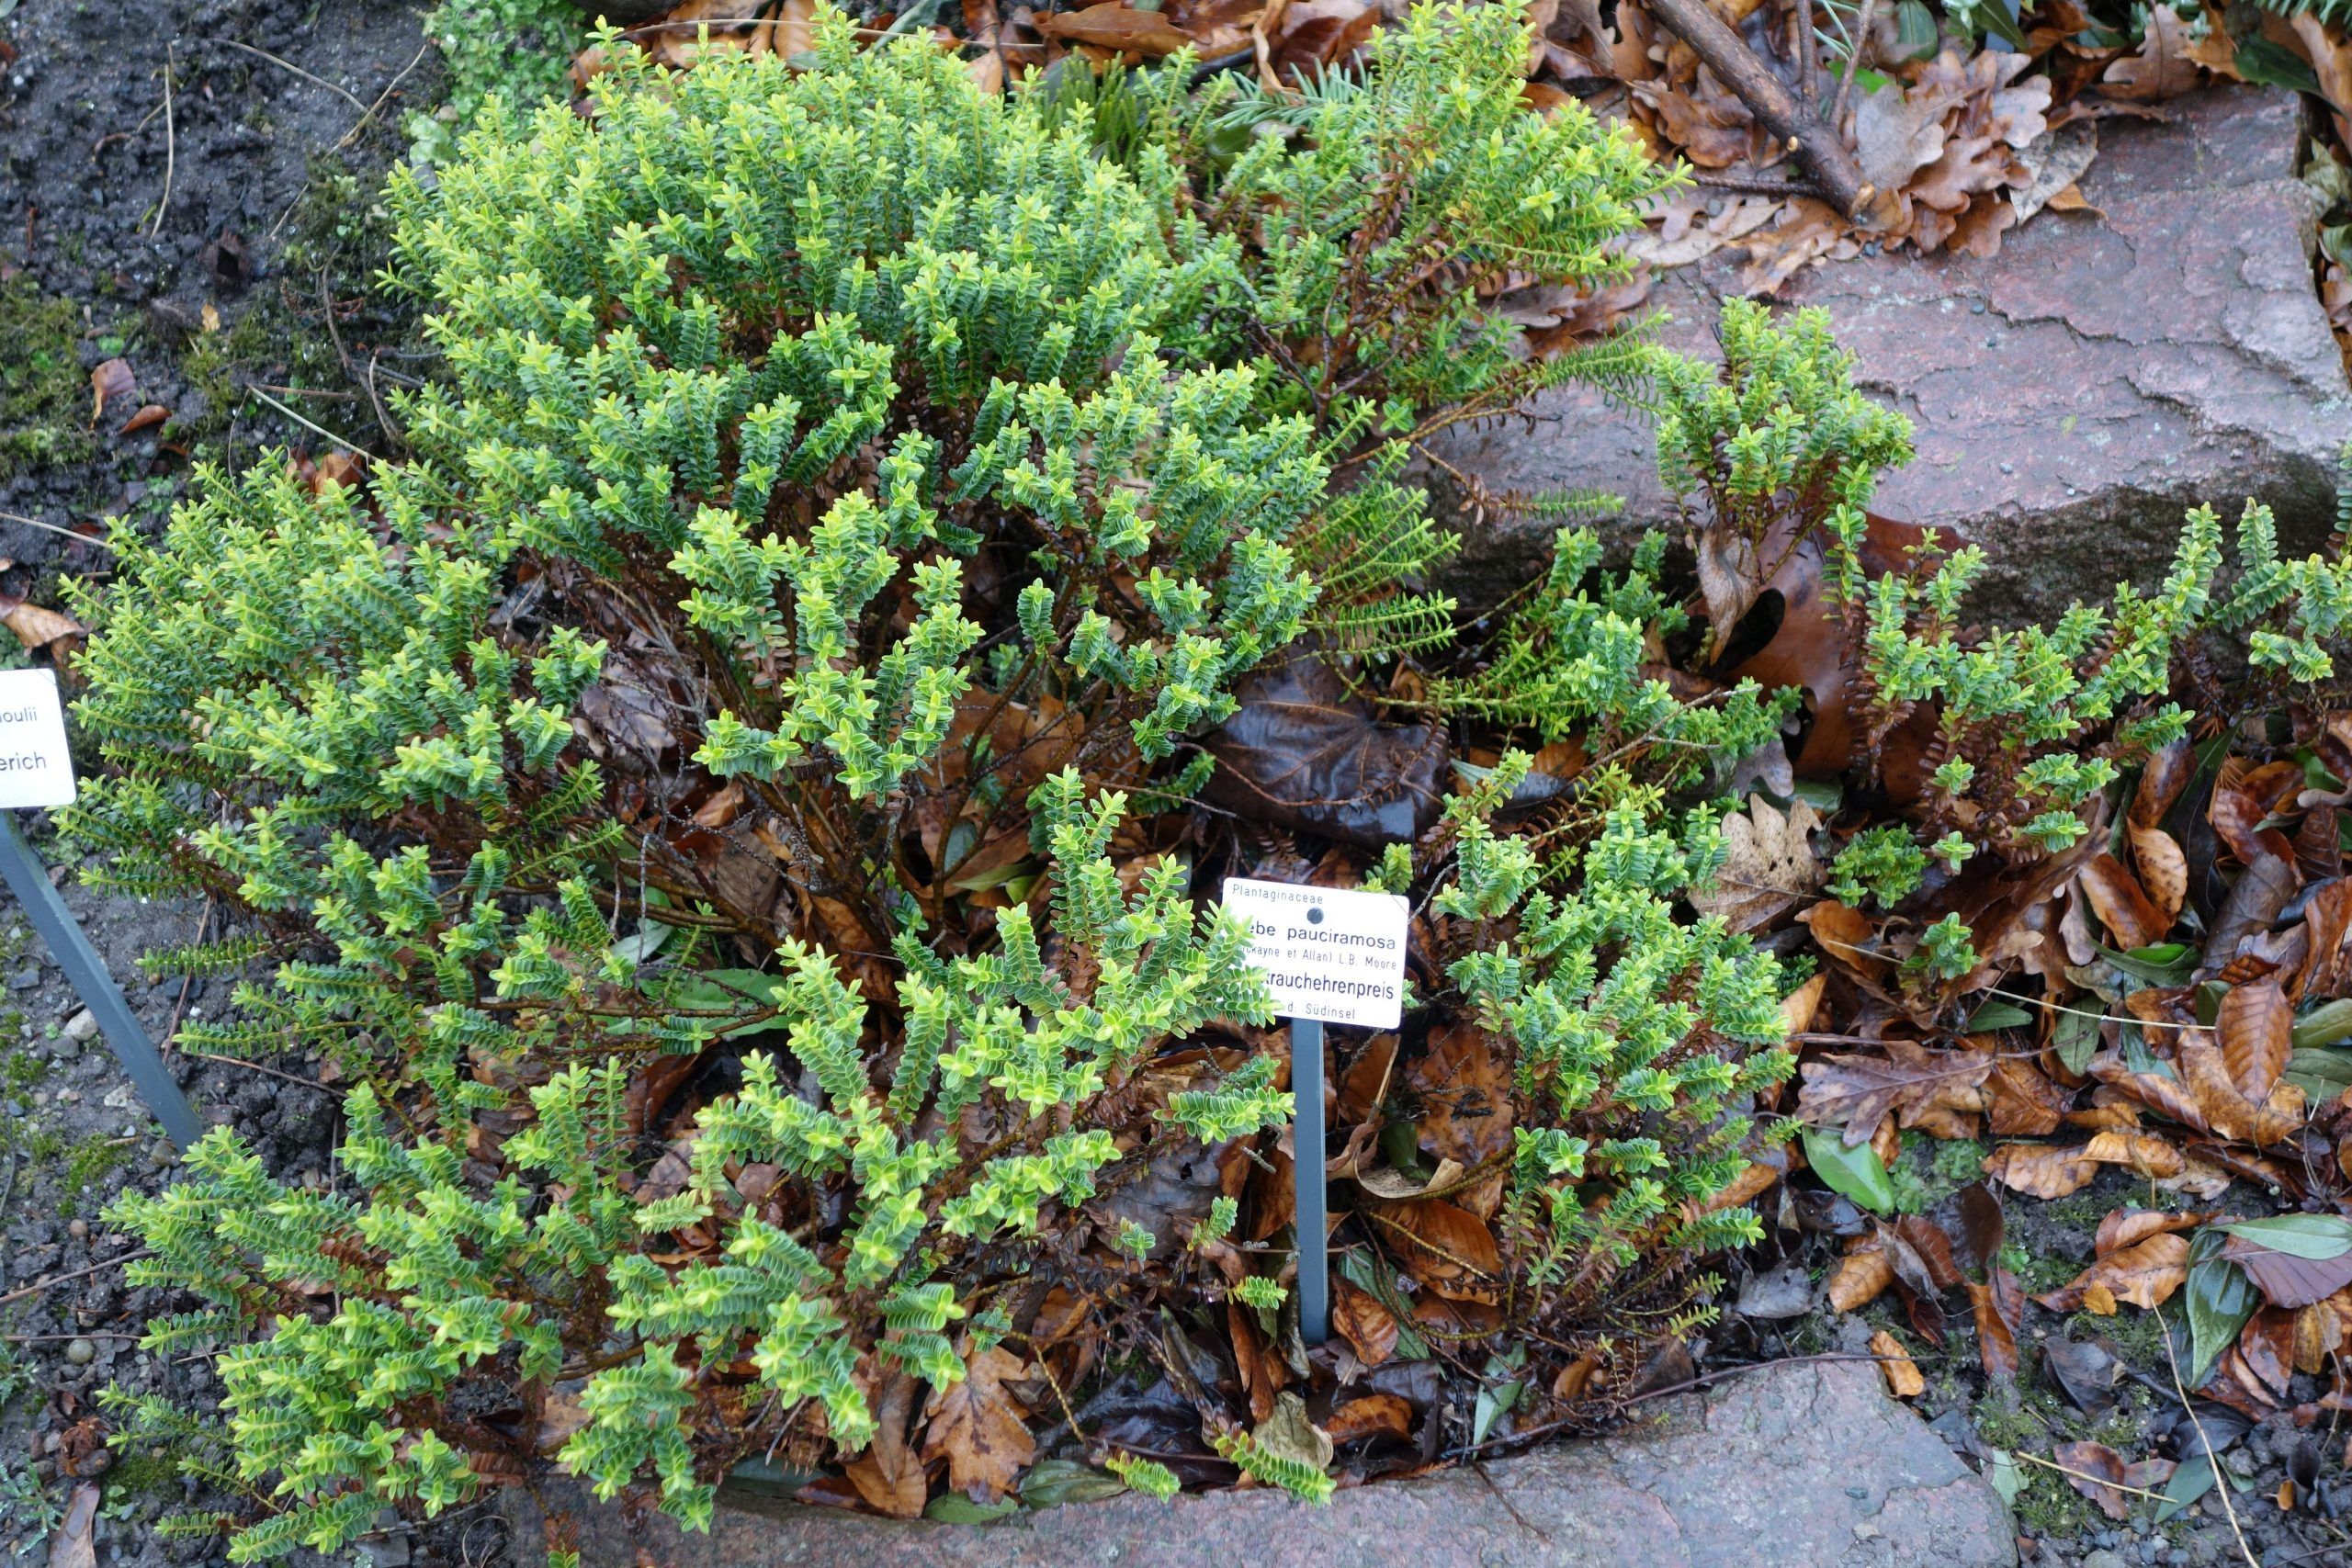 Botanischer Garten Dresden Elegant File Hebe Pauciramosa Botanischer Garten Dresden Germany